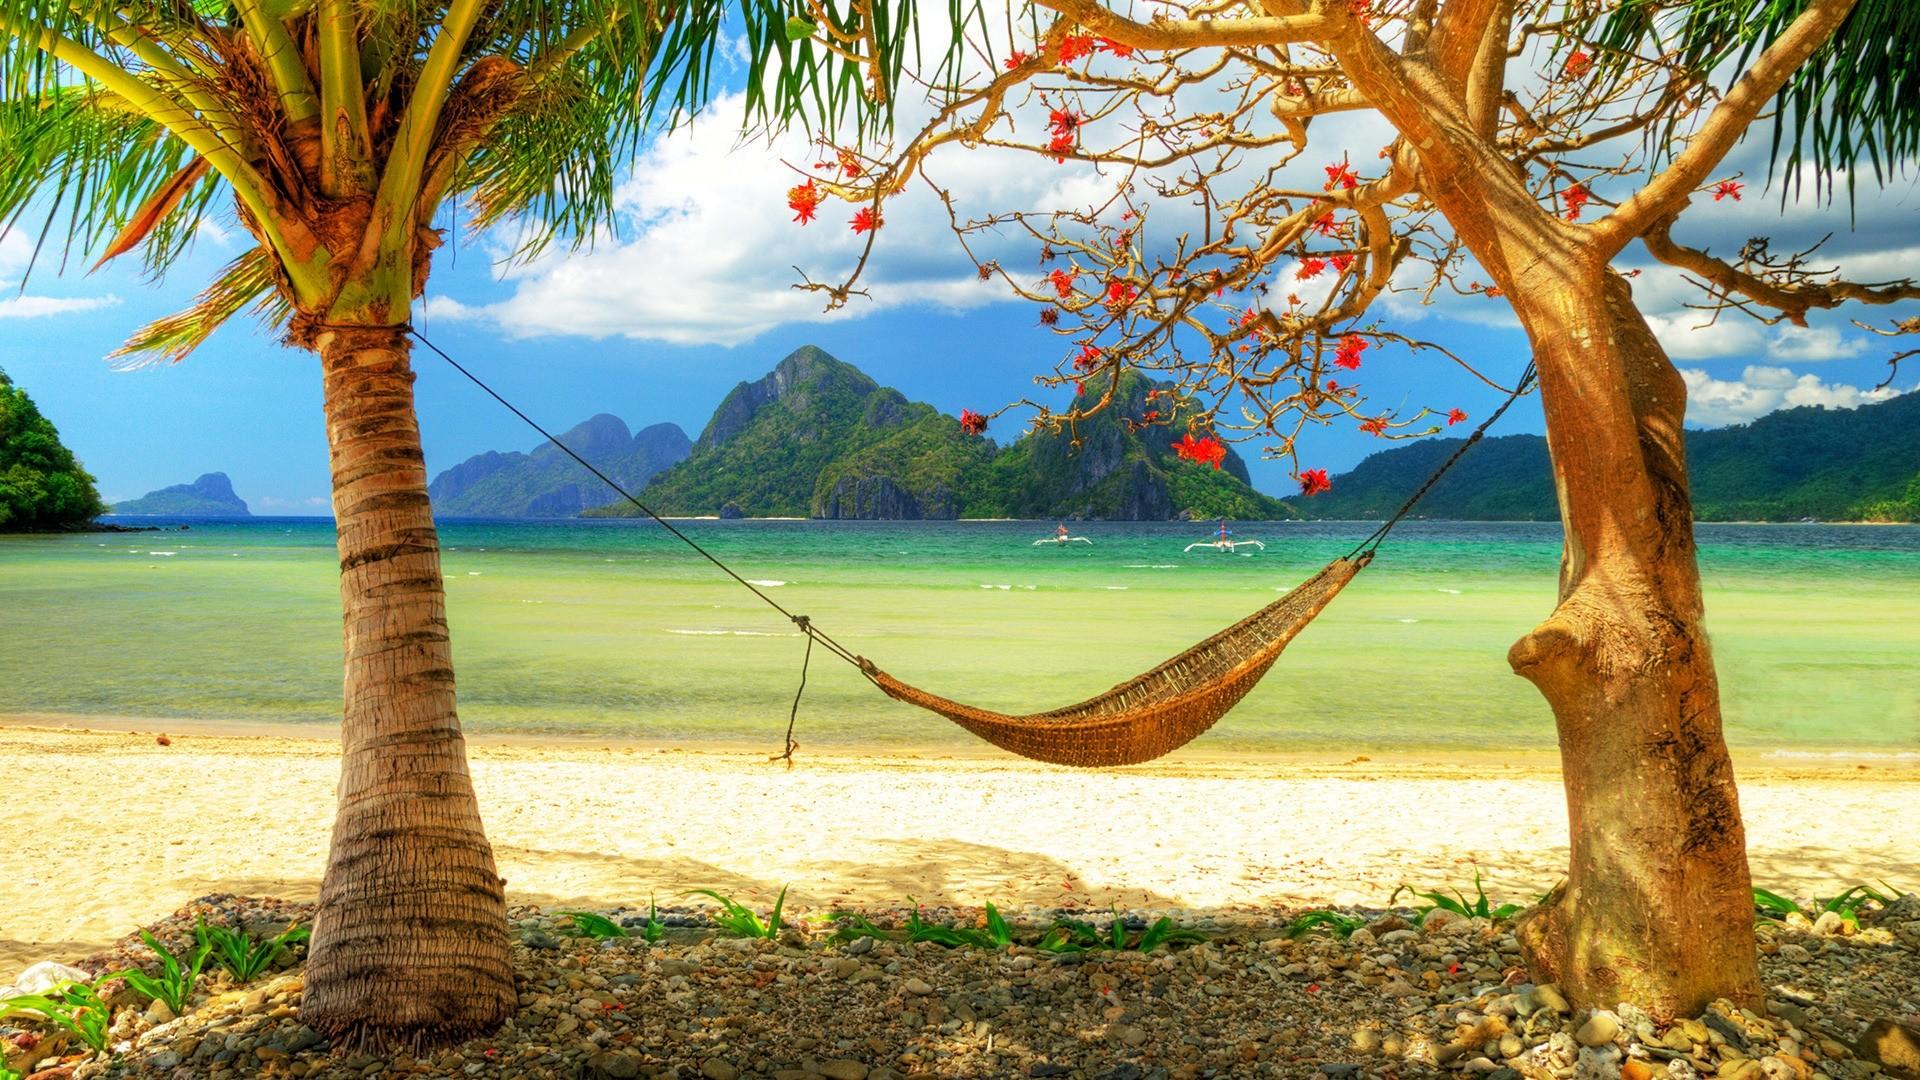 Relaxing PC Wallpaper HD